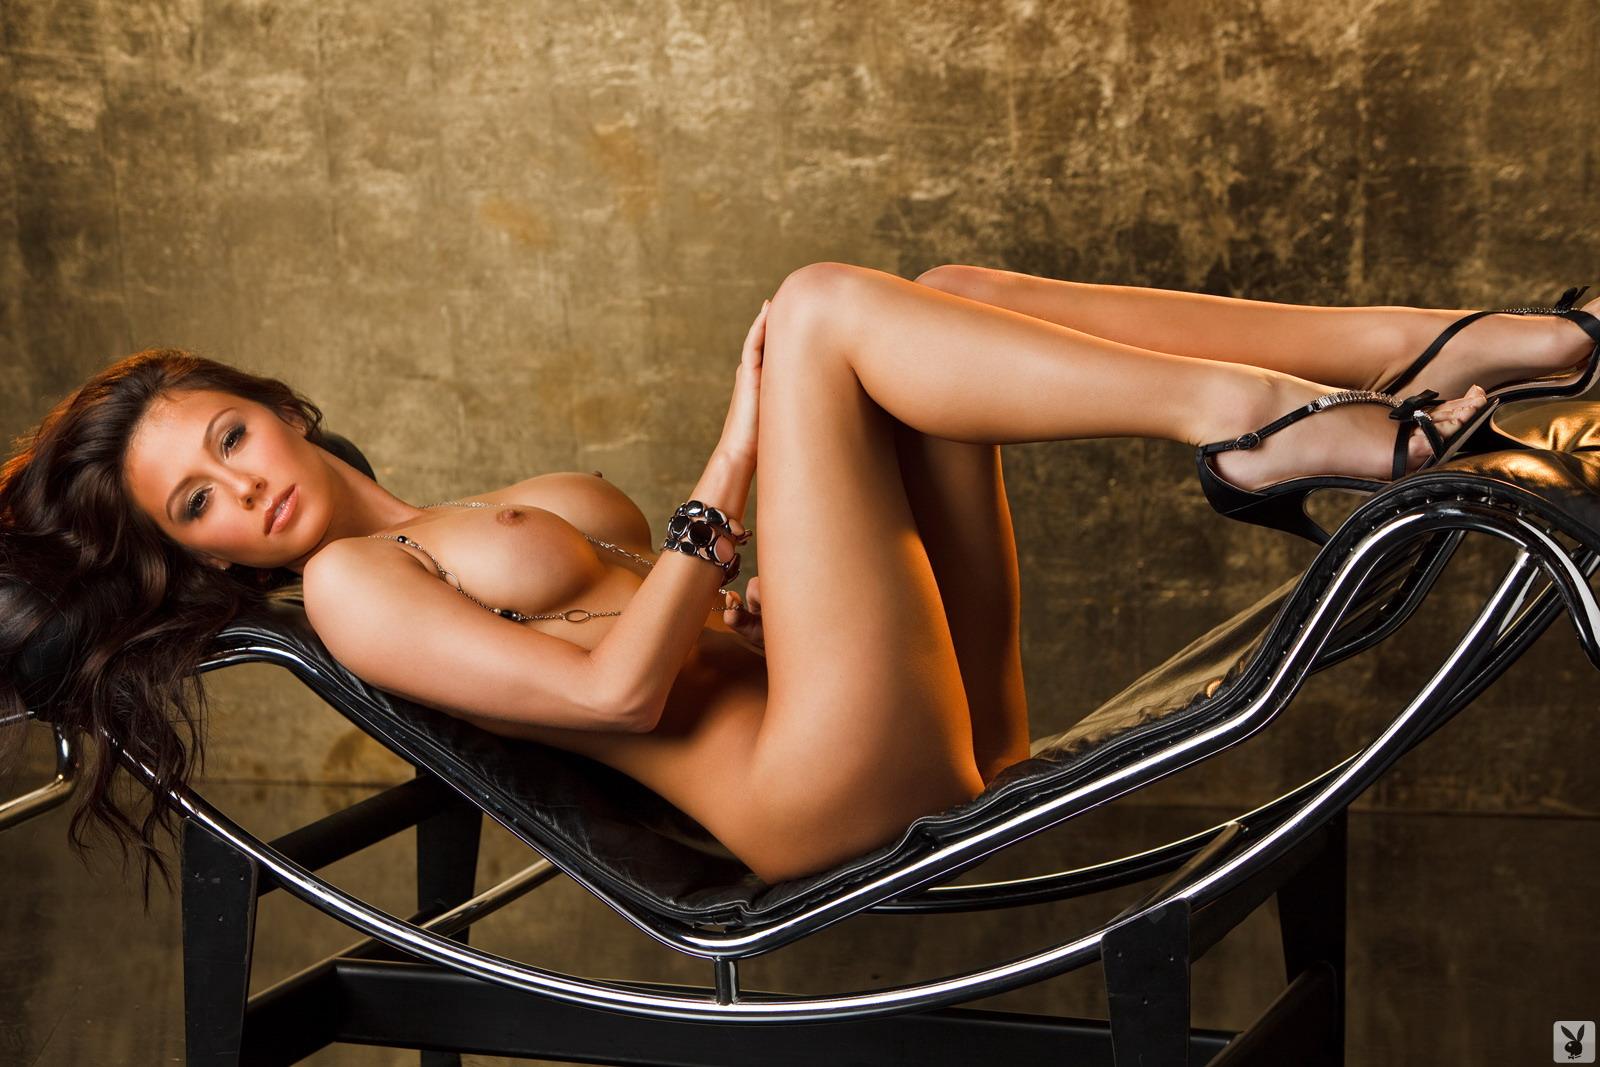 Эро длинноногая фото, Длинноногие девушки горячие порно фото порева ебли 2 фотография